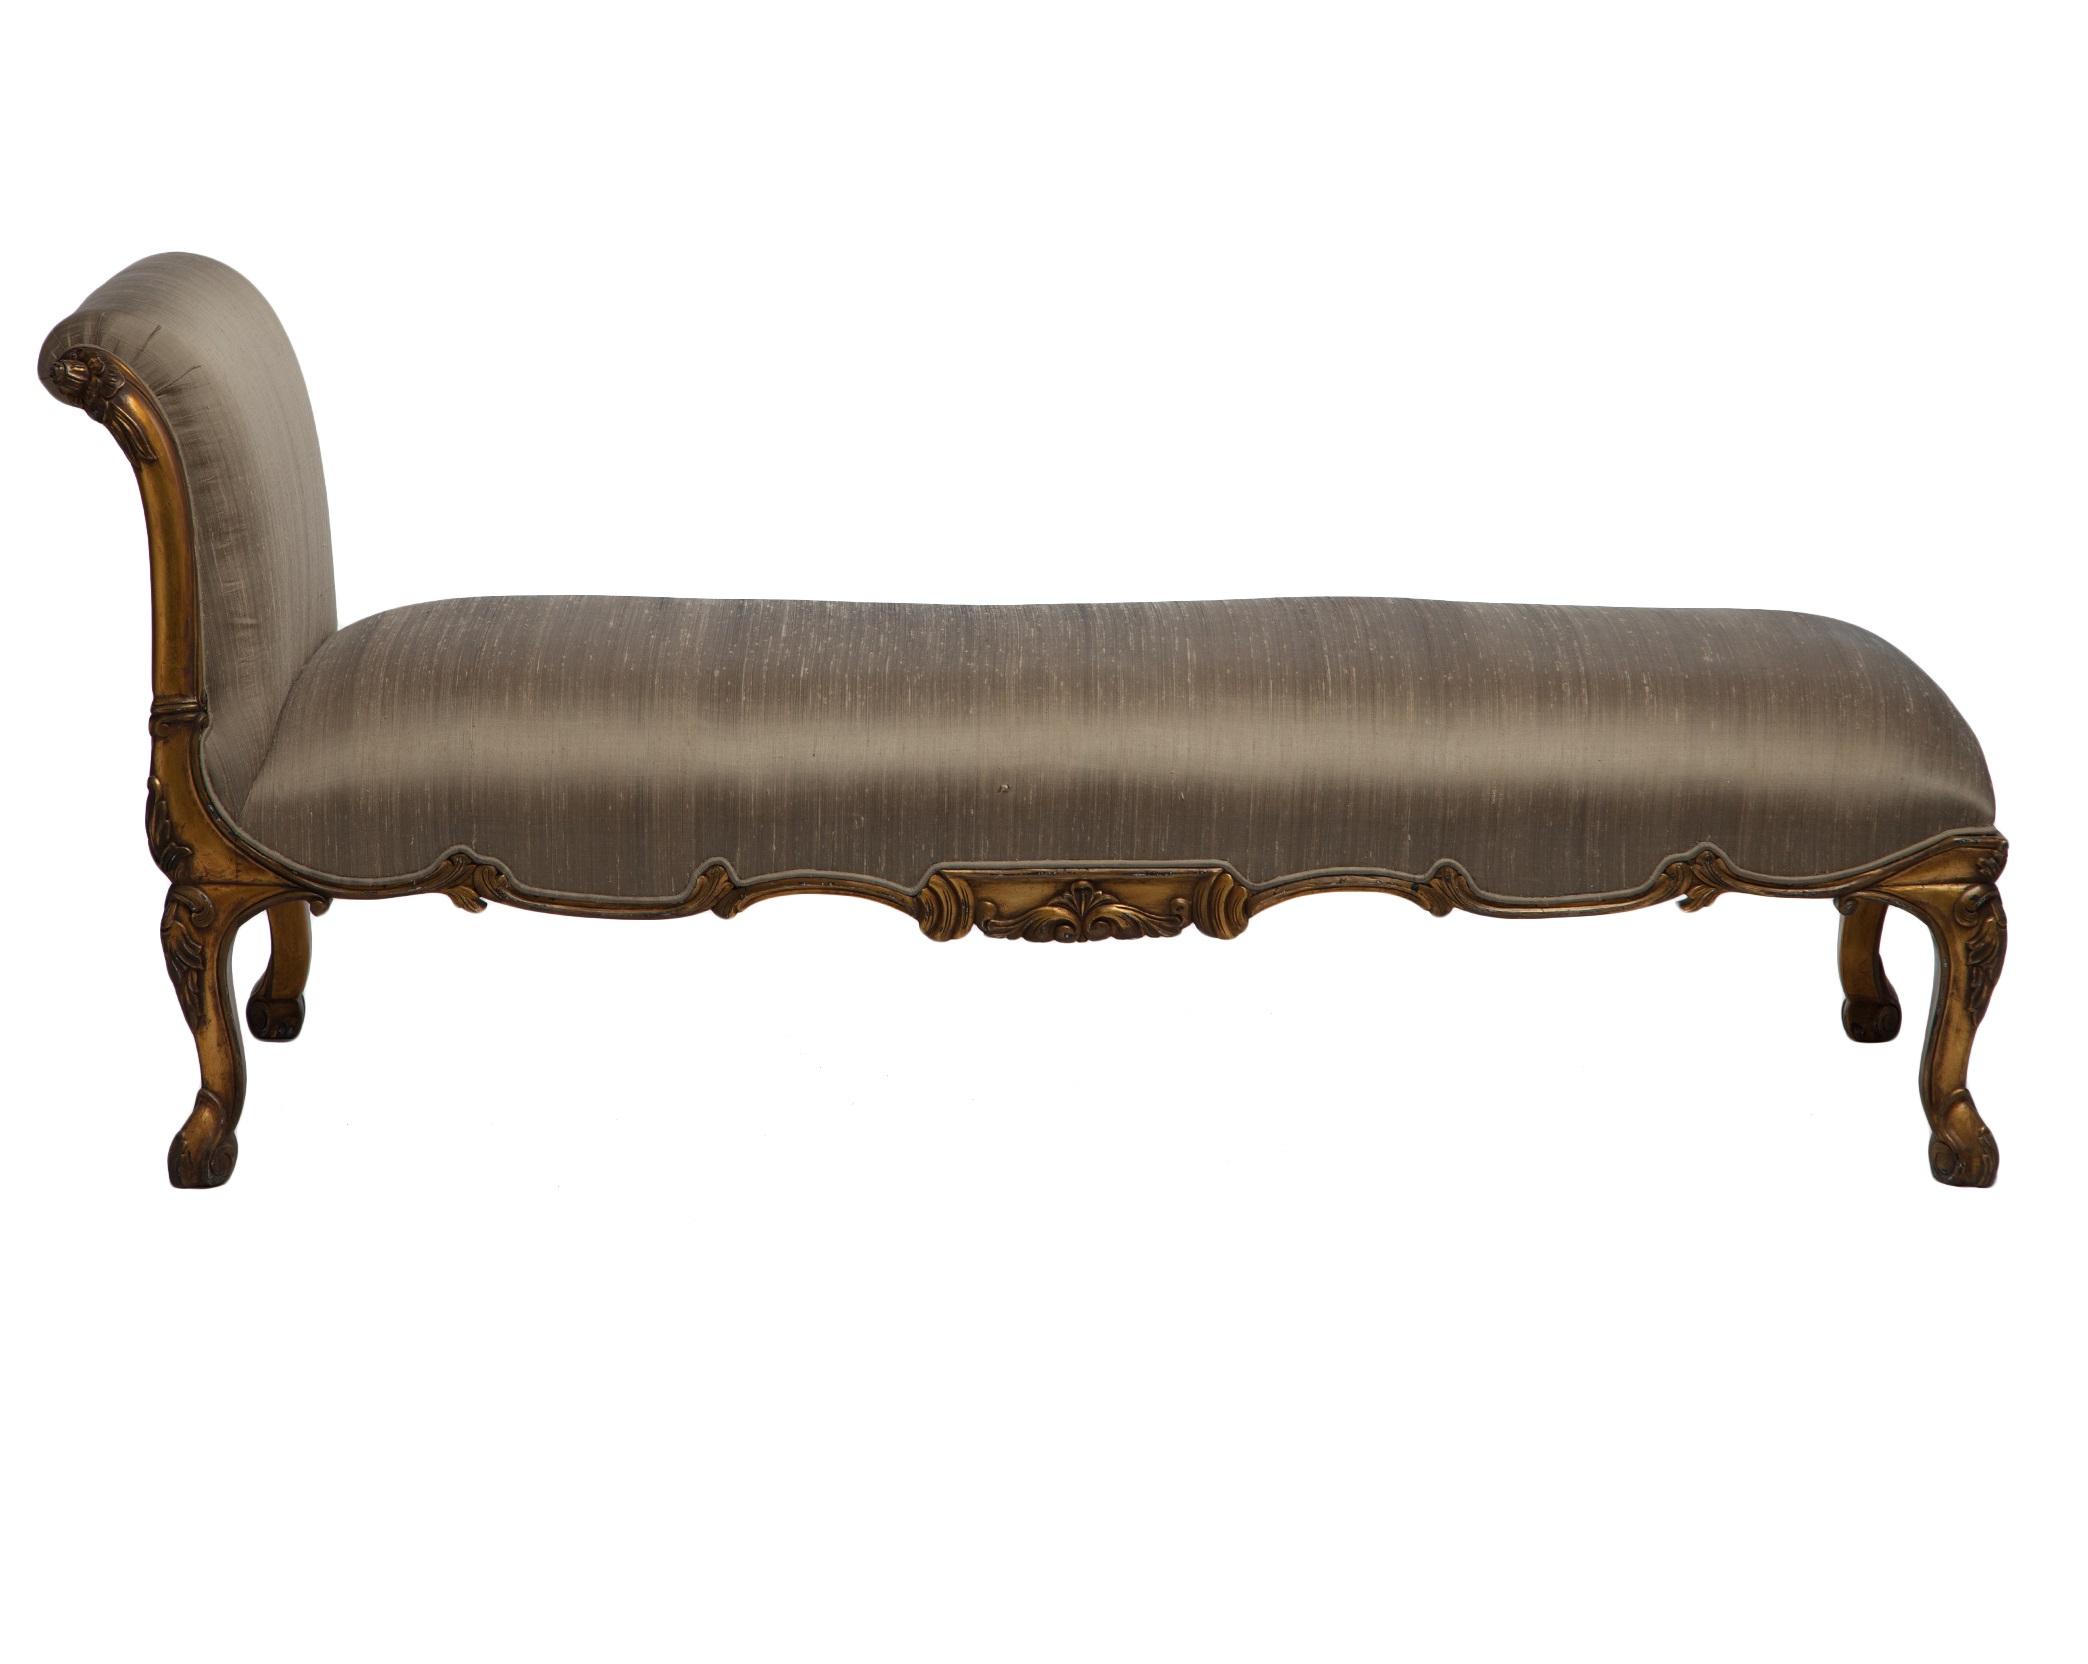 Кушетка VersaillesКушетки и оттоманки<br>Золотая кушетка с шелковой обивкой, украшена резьбой ручной работы, патиной и старением.<br><br>Material: Красное дерево<br>Ширина см: 170<br>Высота см: 79<br>Глубина см: 66